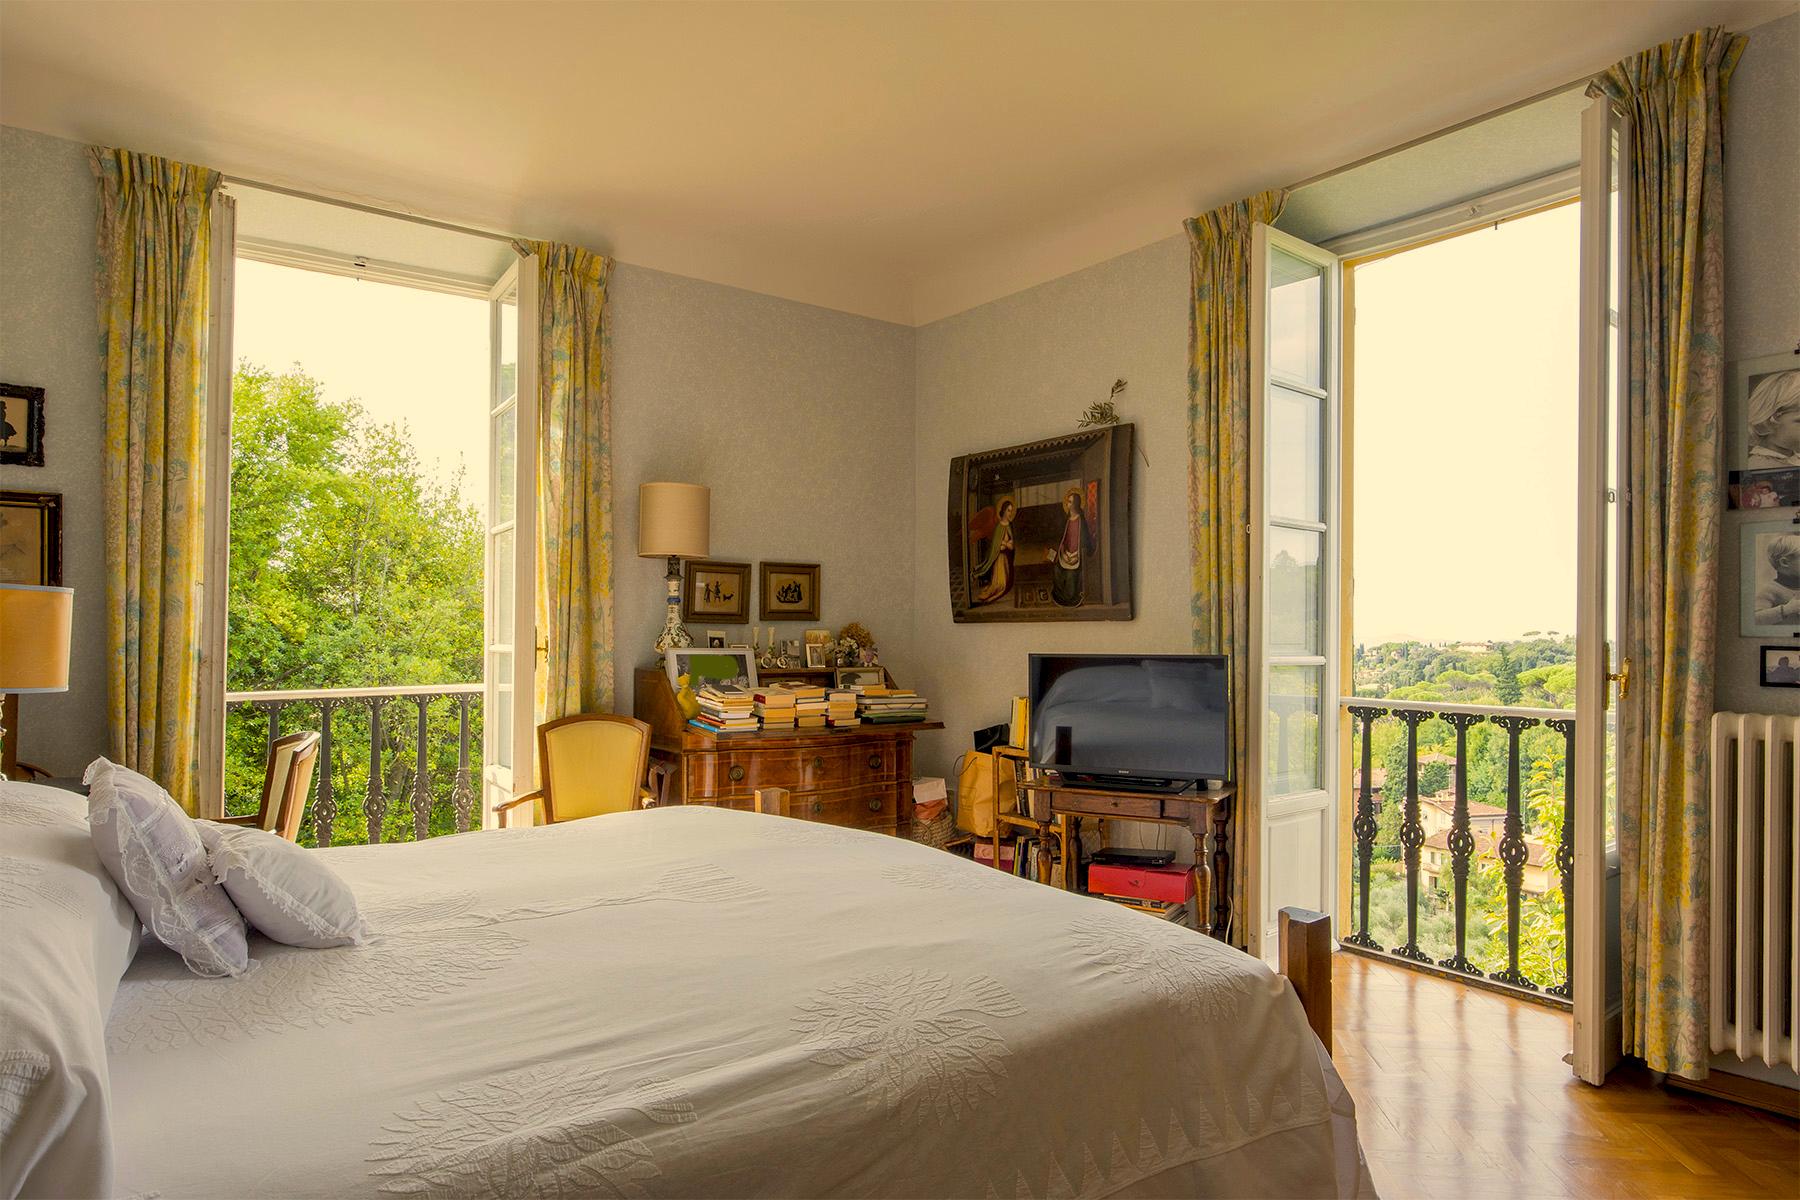 Villa in Vendita a Firenze: 5 locali, 680 mq - Foto 16